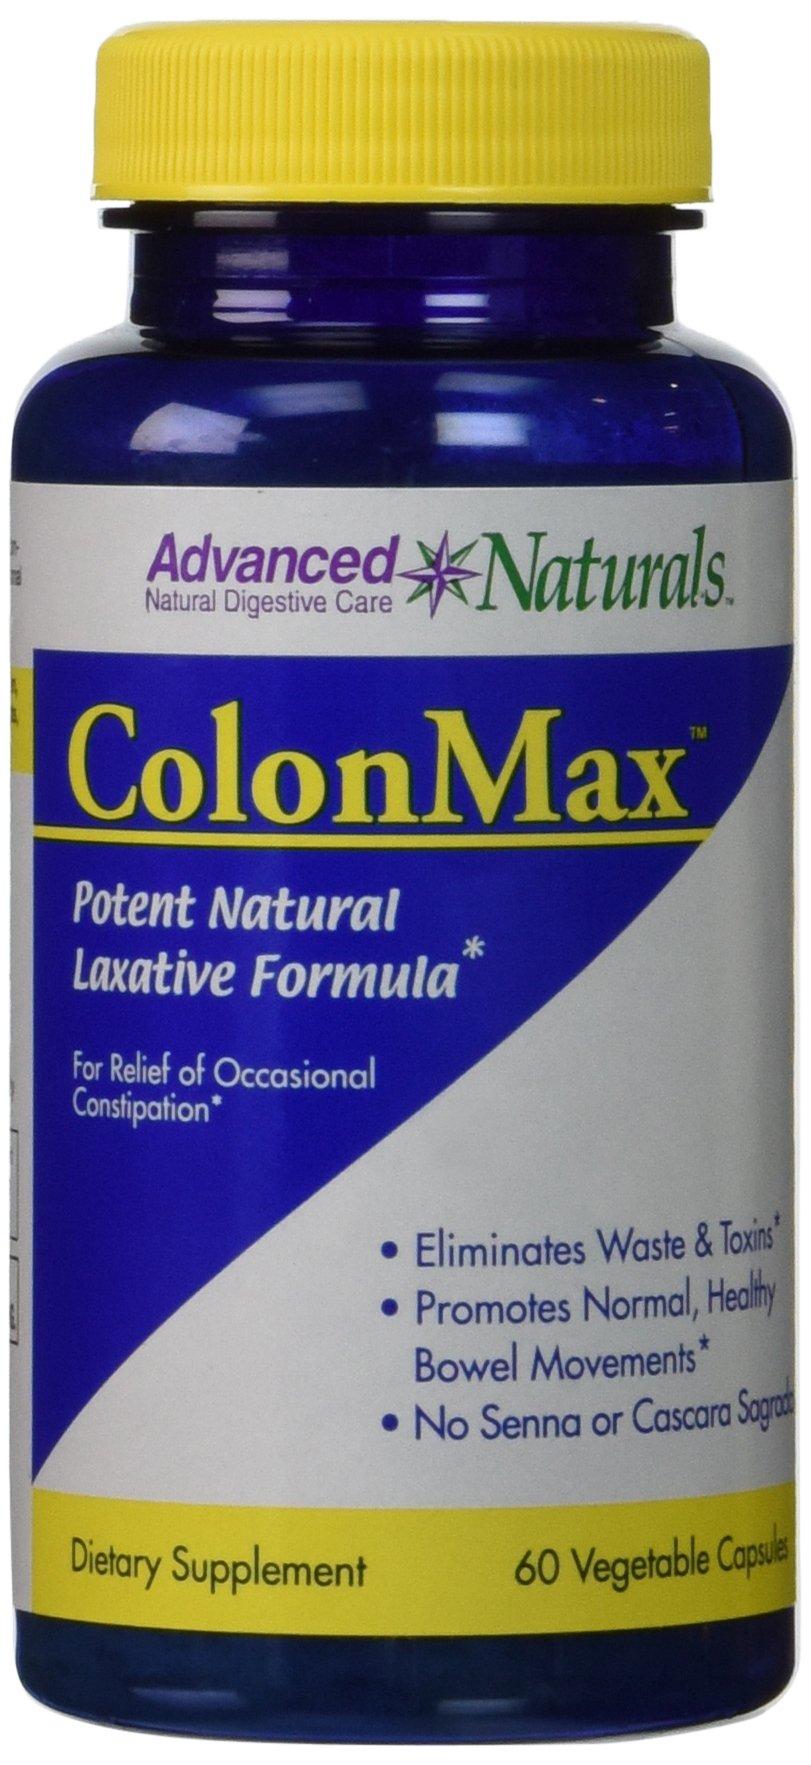 Advanced Naturals Colonmax Caps, 60 Count